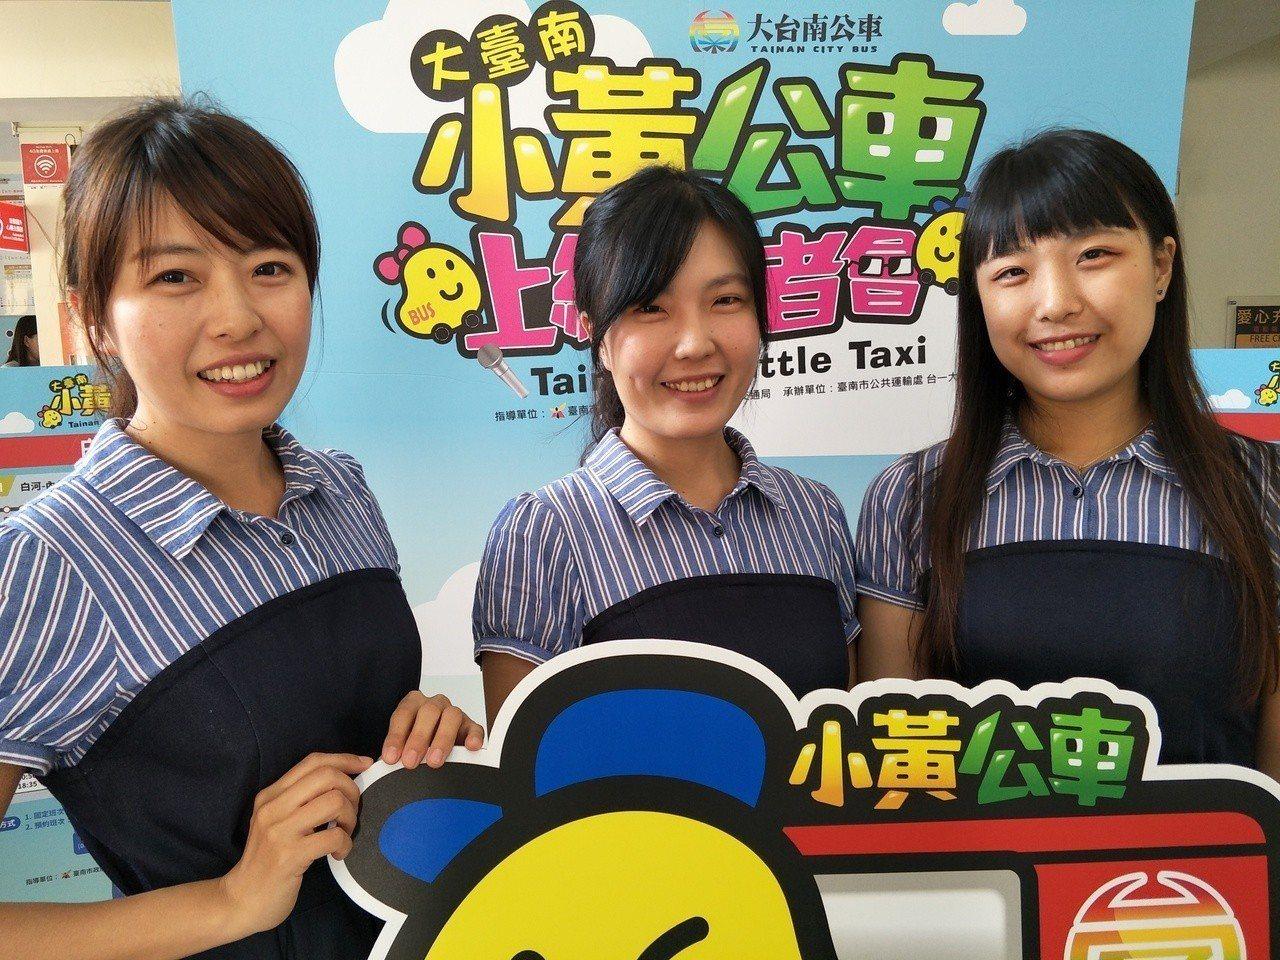 張逸涵(左起)、張嫚容、張尹亭3姊妹北漂返鄉,協助自家計程車行轉型,目前加入車隊...